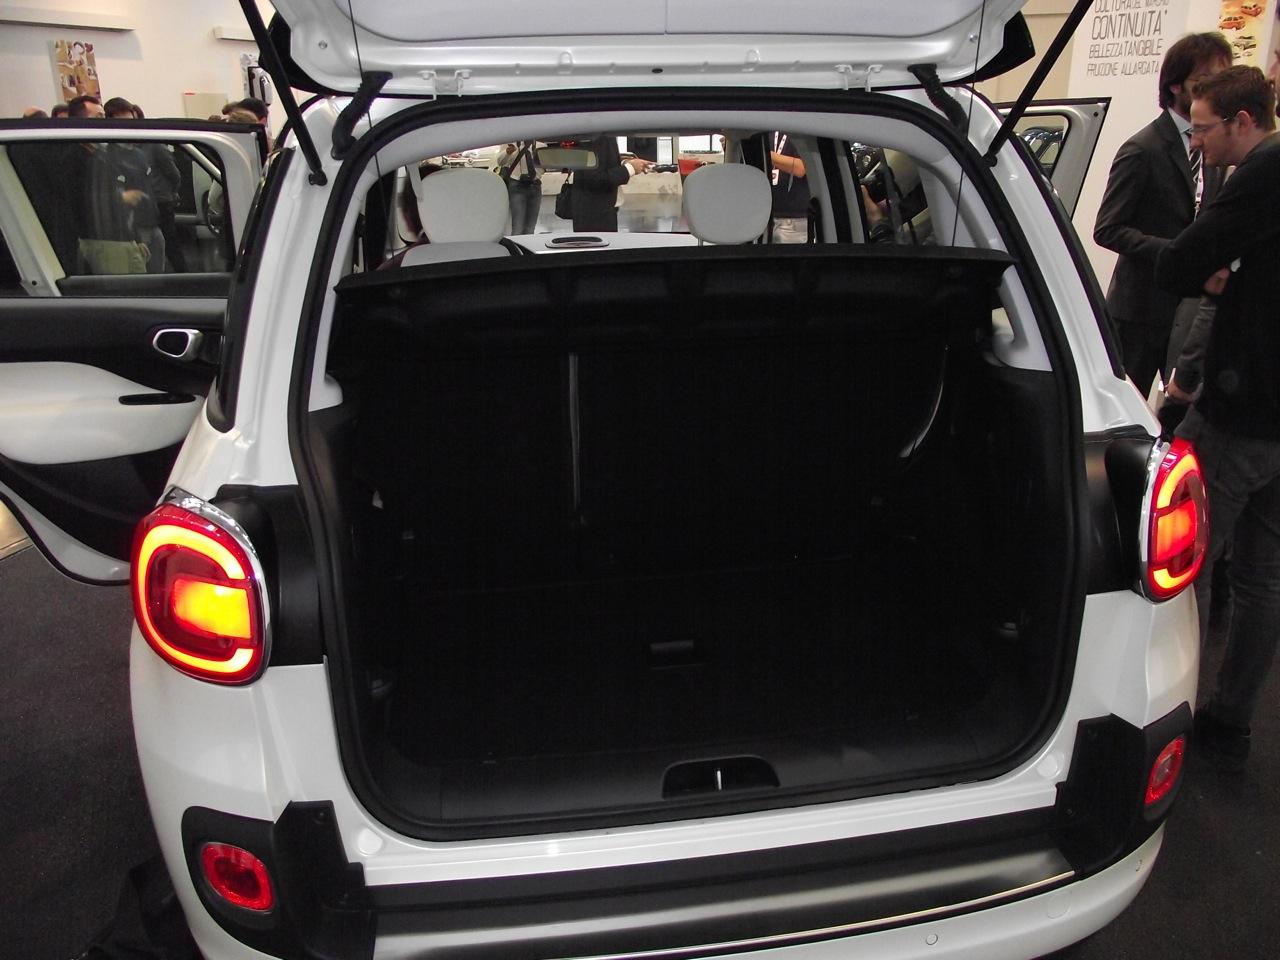 Fiat 500l Foto Esclusive Interni 14 25